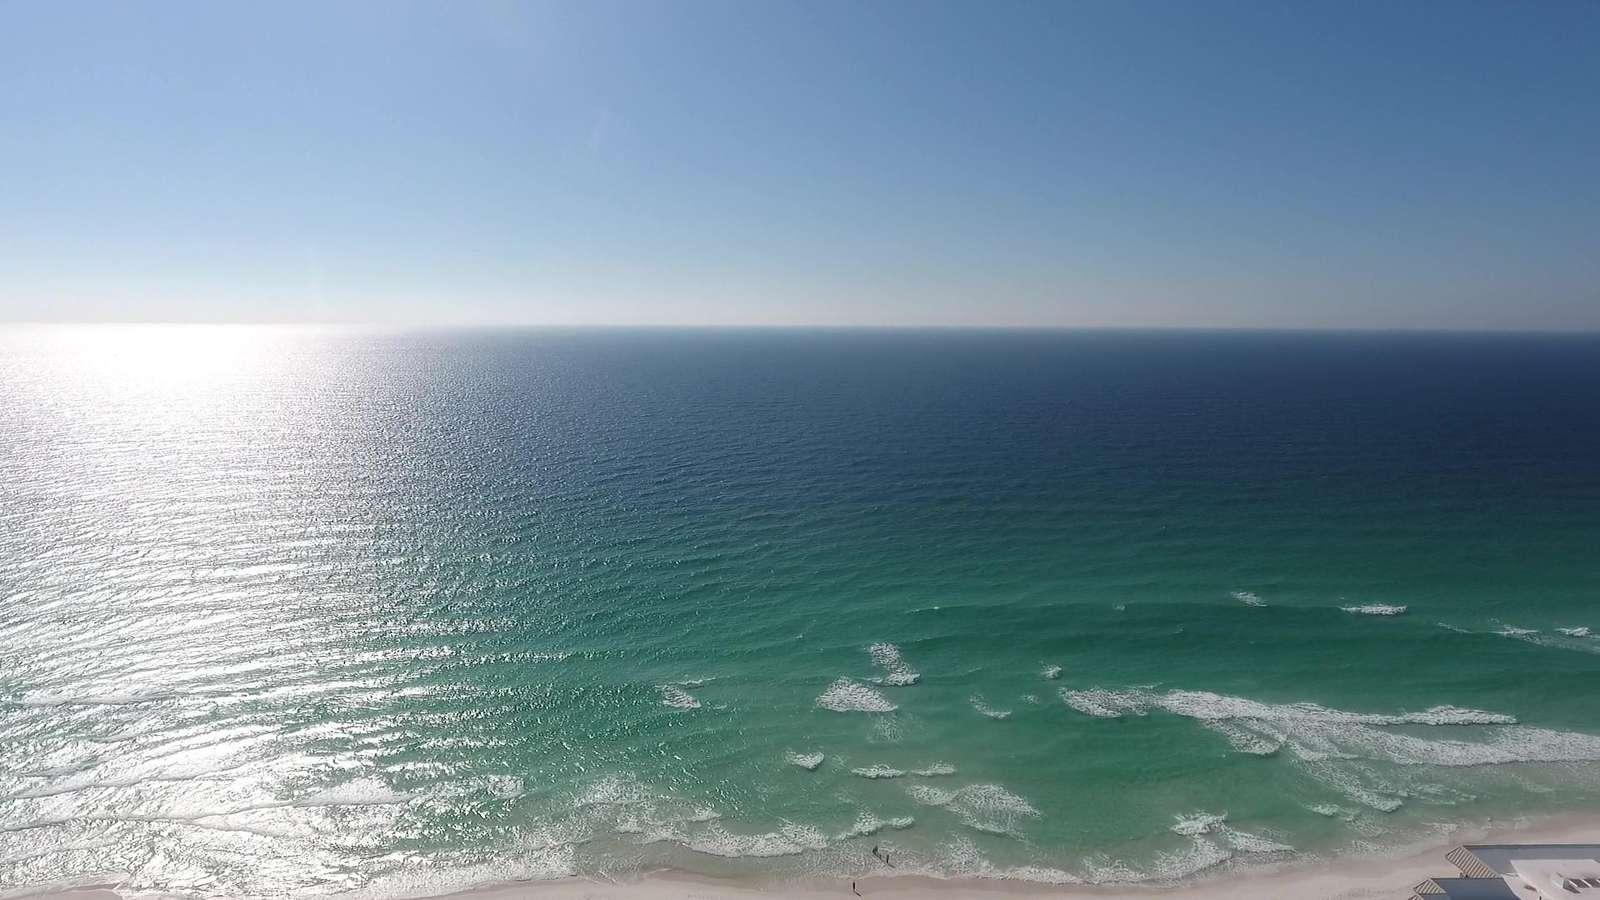 The Emerald Coast!